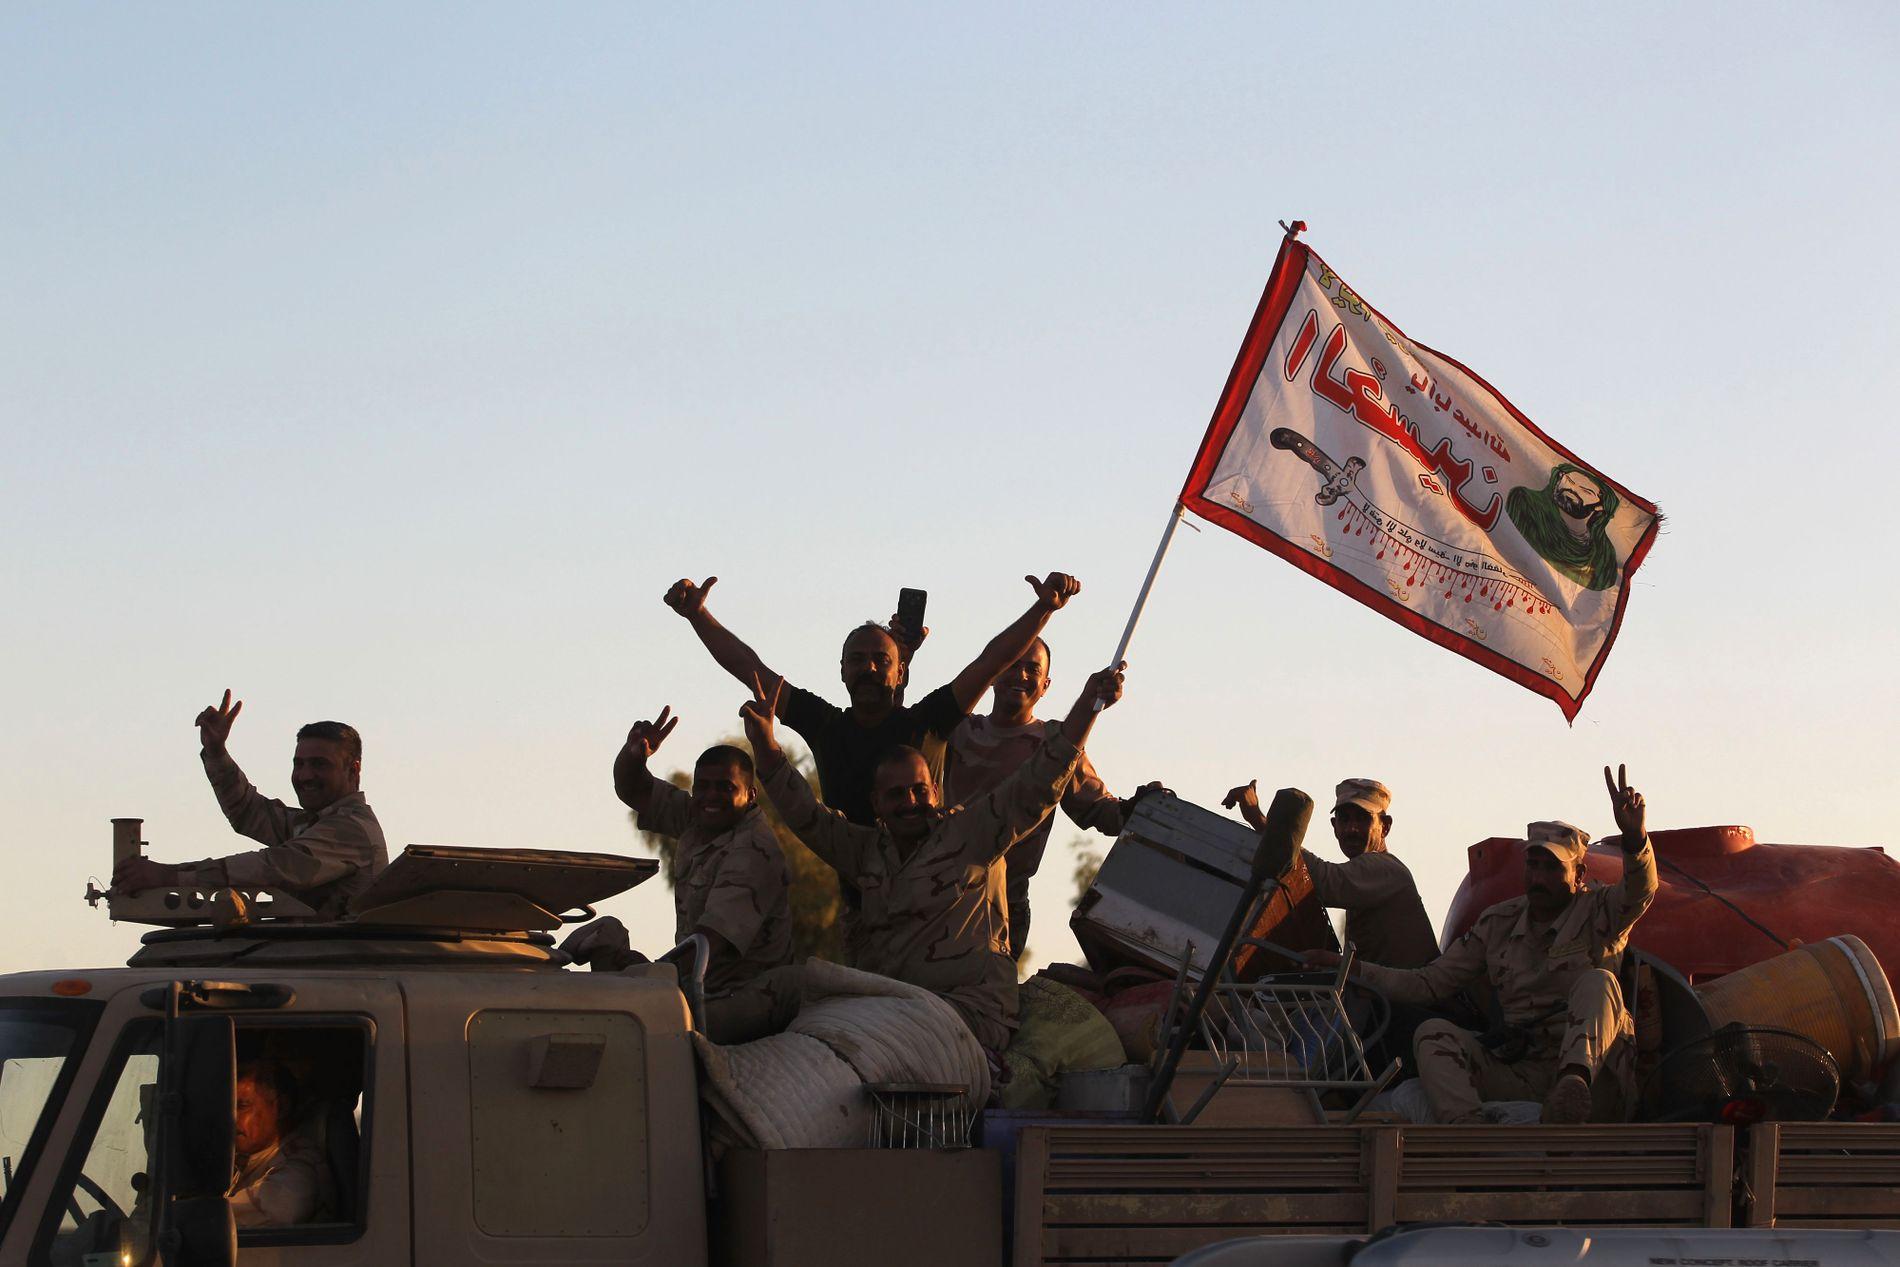 IRAKISK OFFENSIV: Irakiske soldater feiret gjenerobringen av Kirkuk tirsdag, etter å ha drevet kurdiske peshmerga ut av byen.